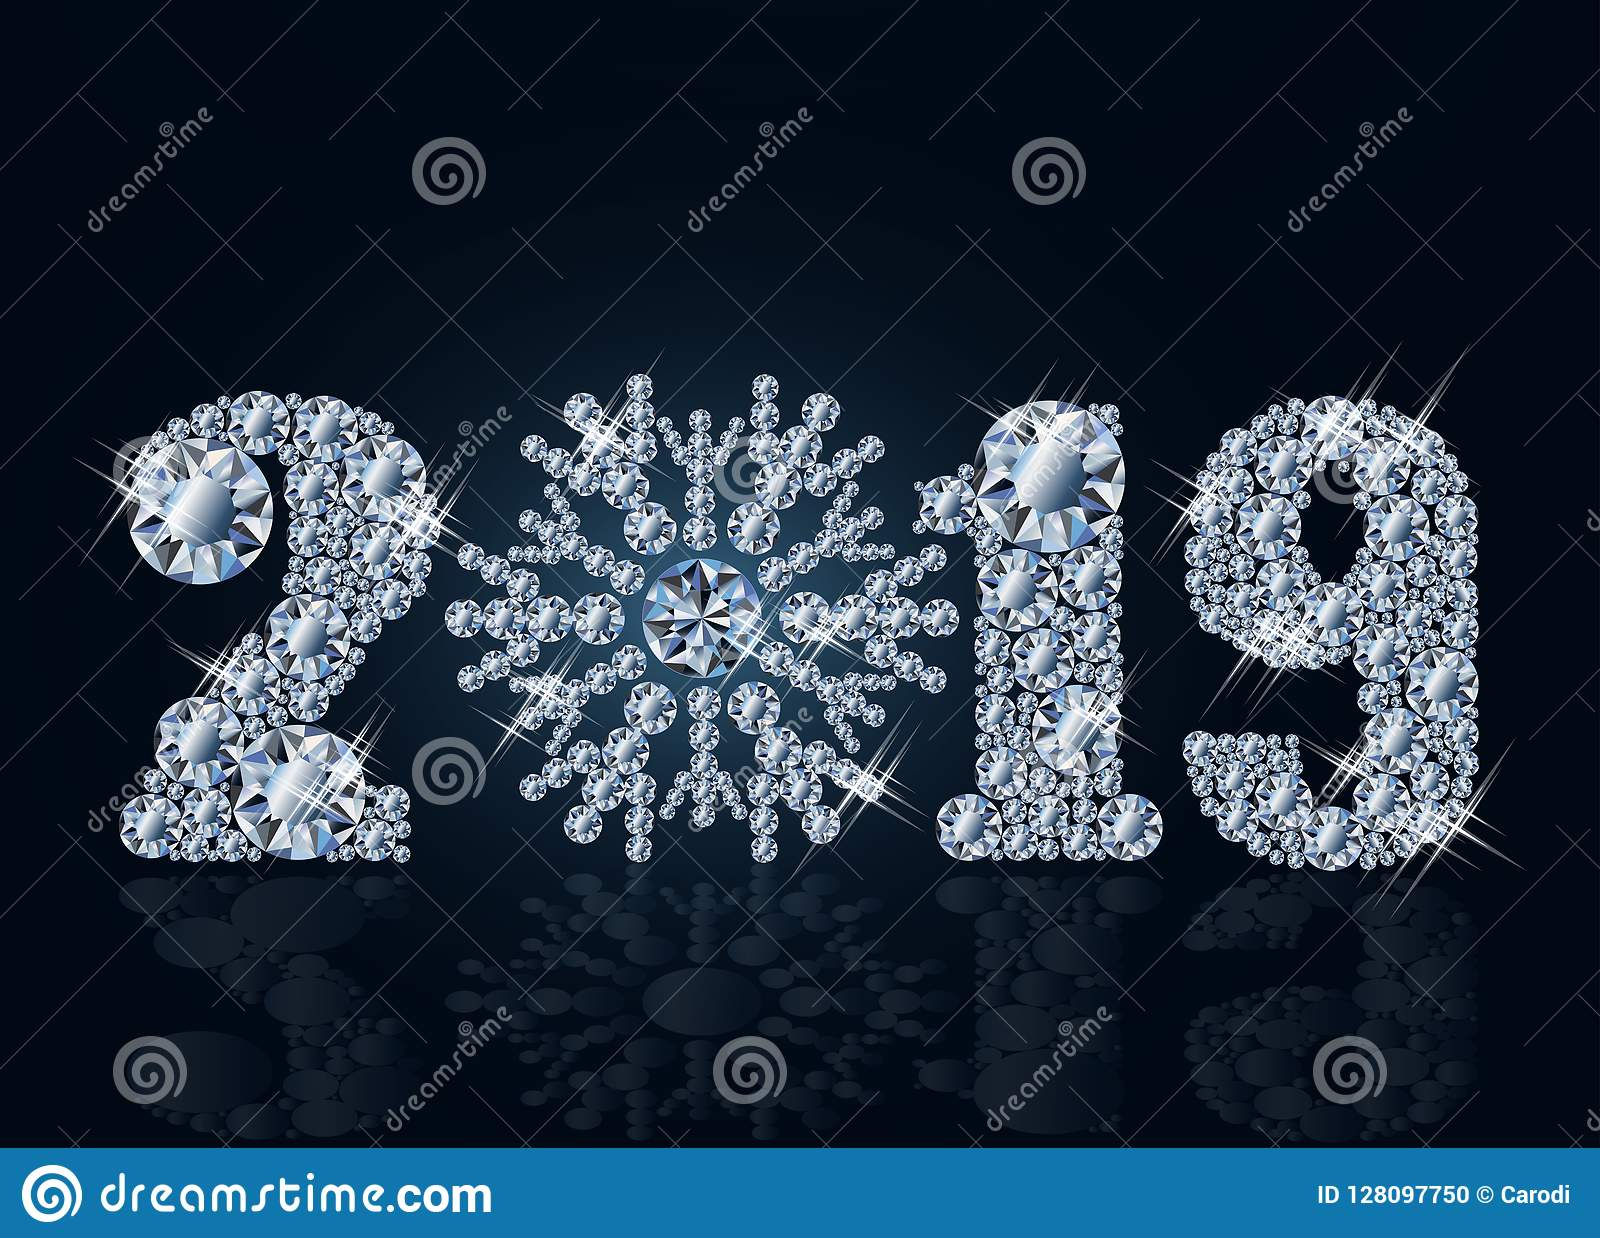 Diamond Wallpaper With Xmas Ball, Happy New 2019 Year ...